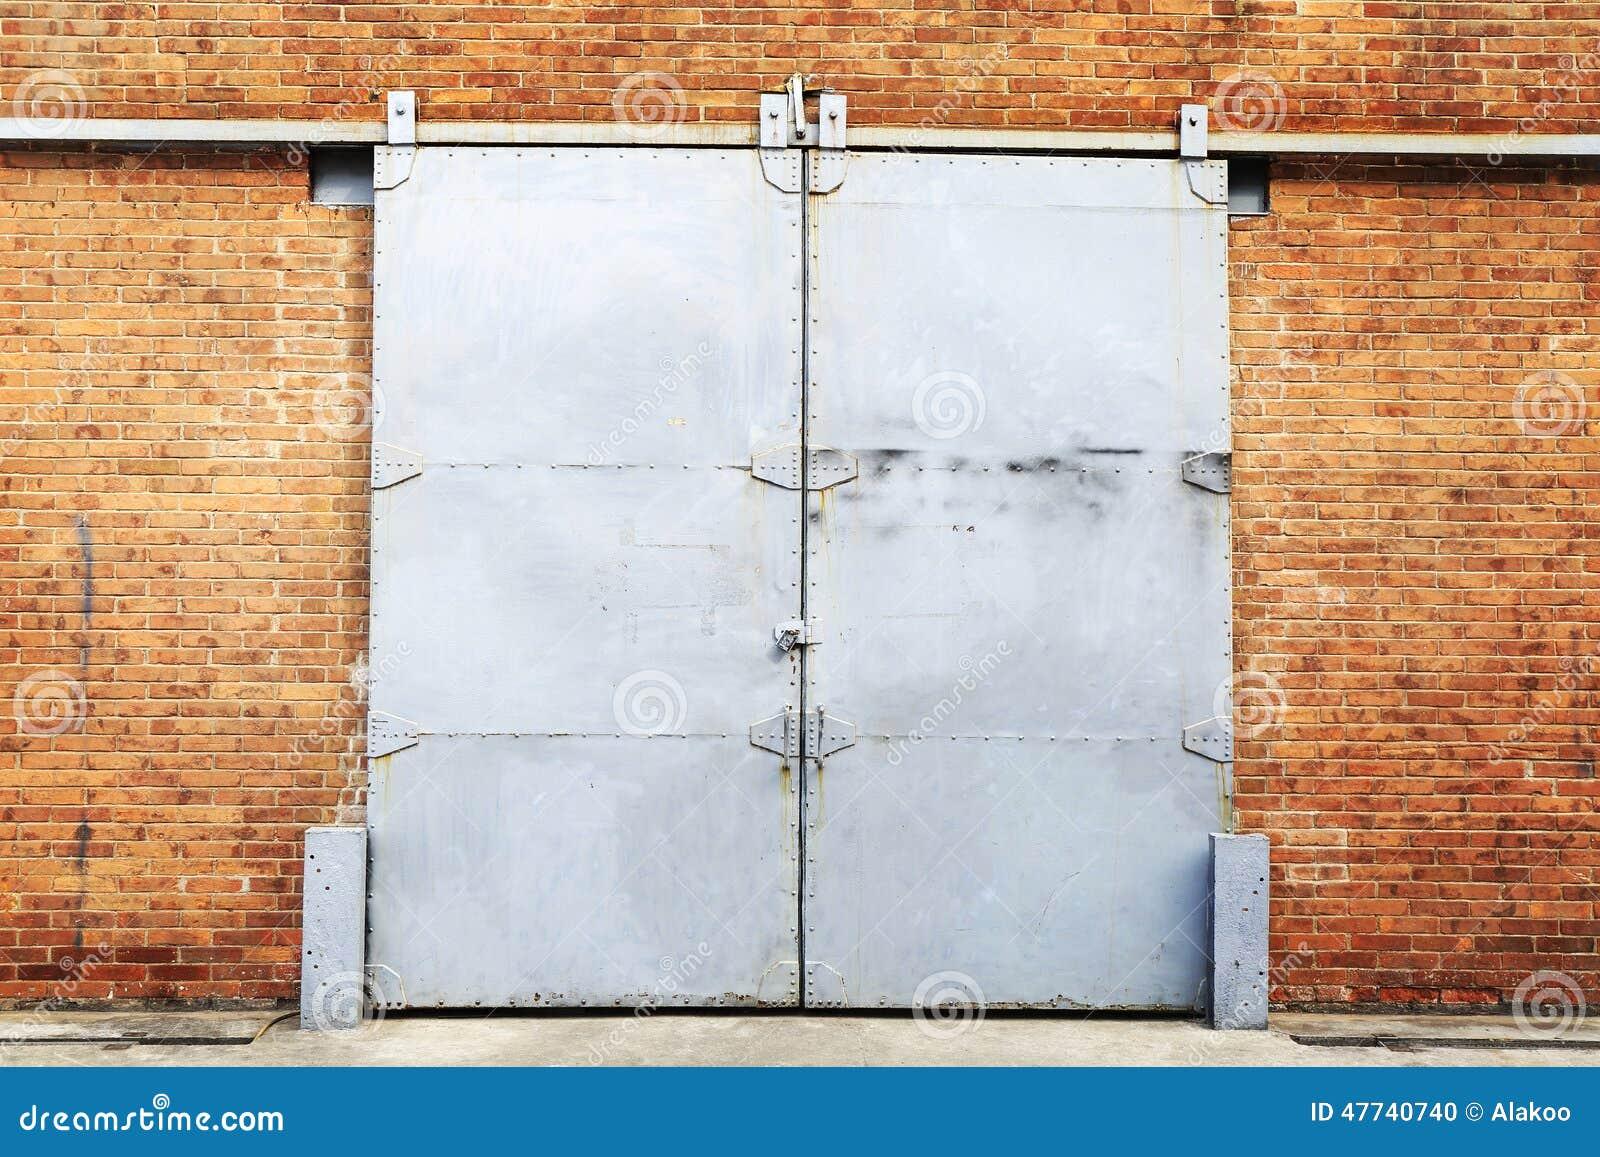 Porte coulissante en m tal dans le mur de briques photo stock image 47740740 - Porte coulissante metal ...